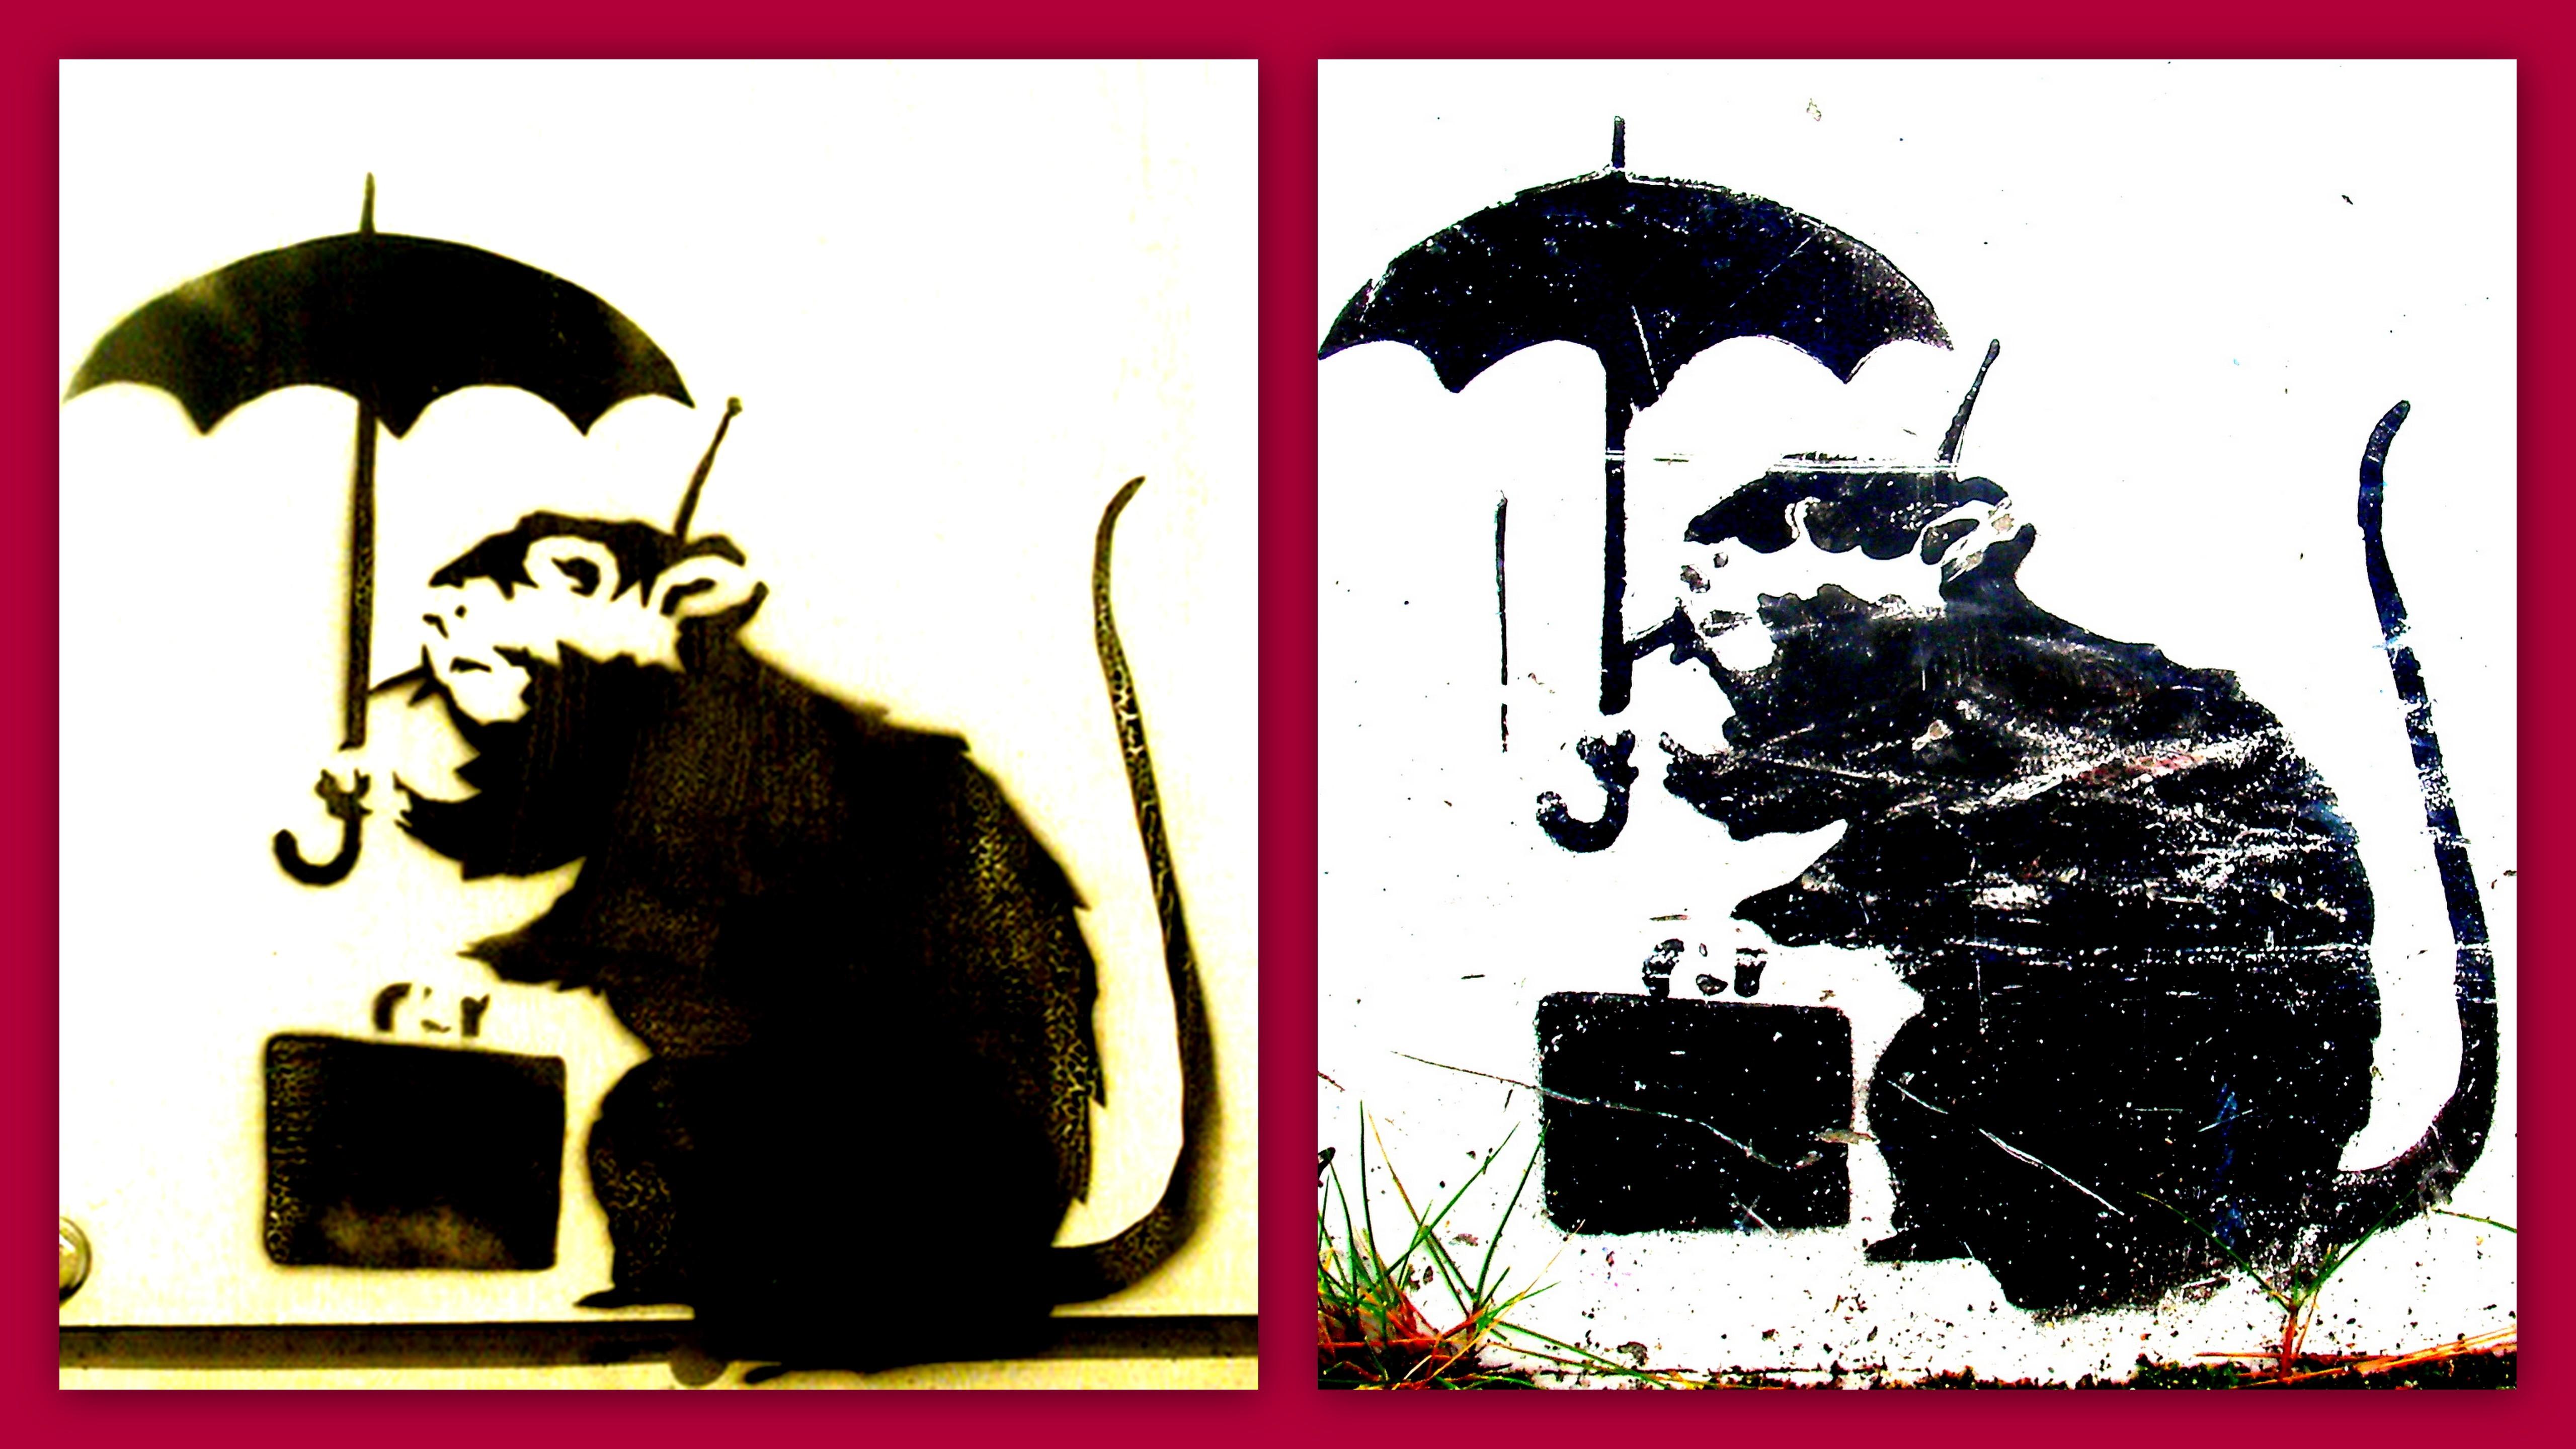 バンクシーが香川県に?高松にネズミのイラストが?絵は本物なの?4